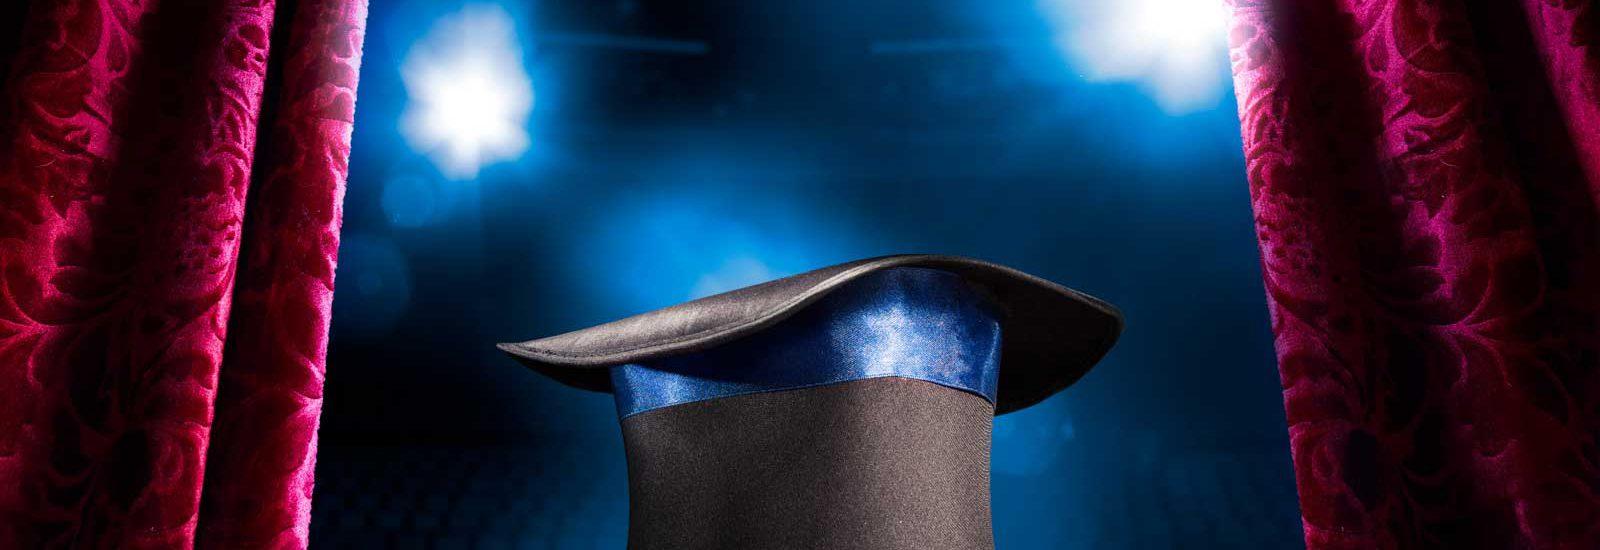 כתיבה שיווקית לעסקים - כובע קוסמים